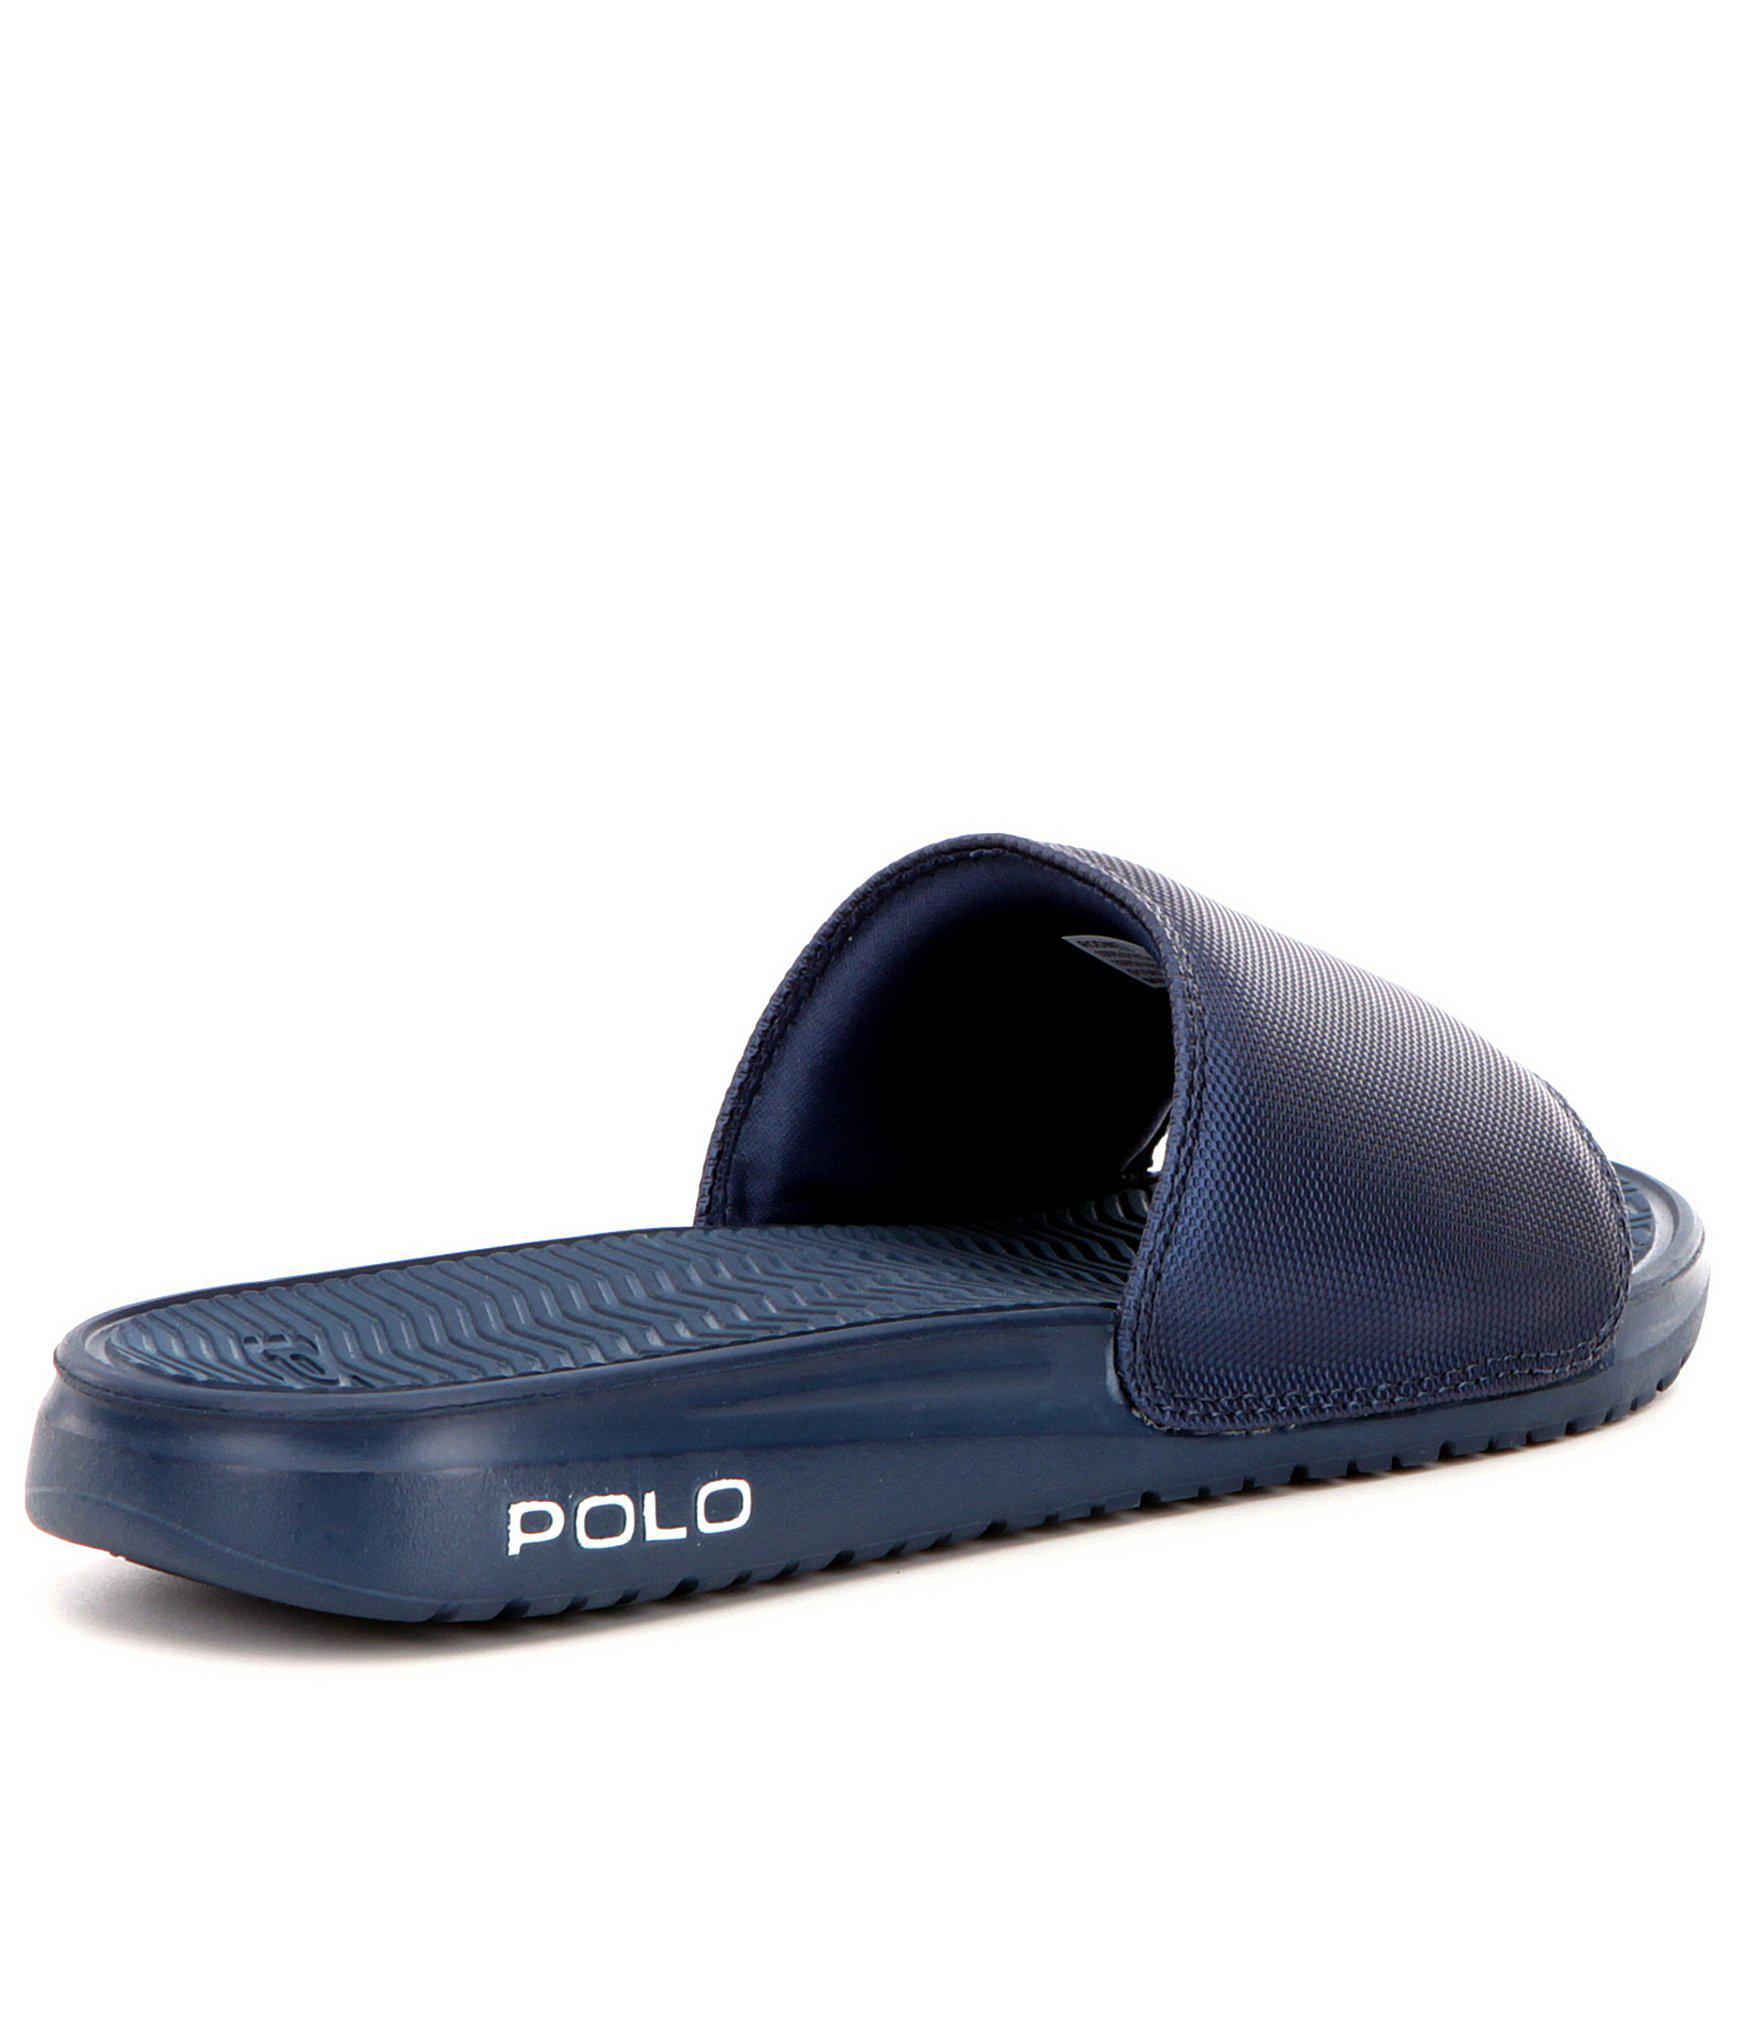 d24cc24706f2 Polo Ralph Lauren - Blue Men ́s Rodwell Slide for Men - Lyst. View  fullscreen